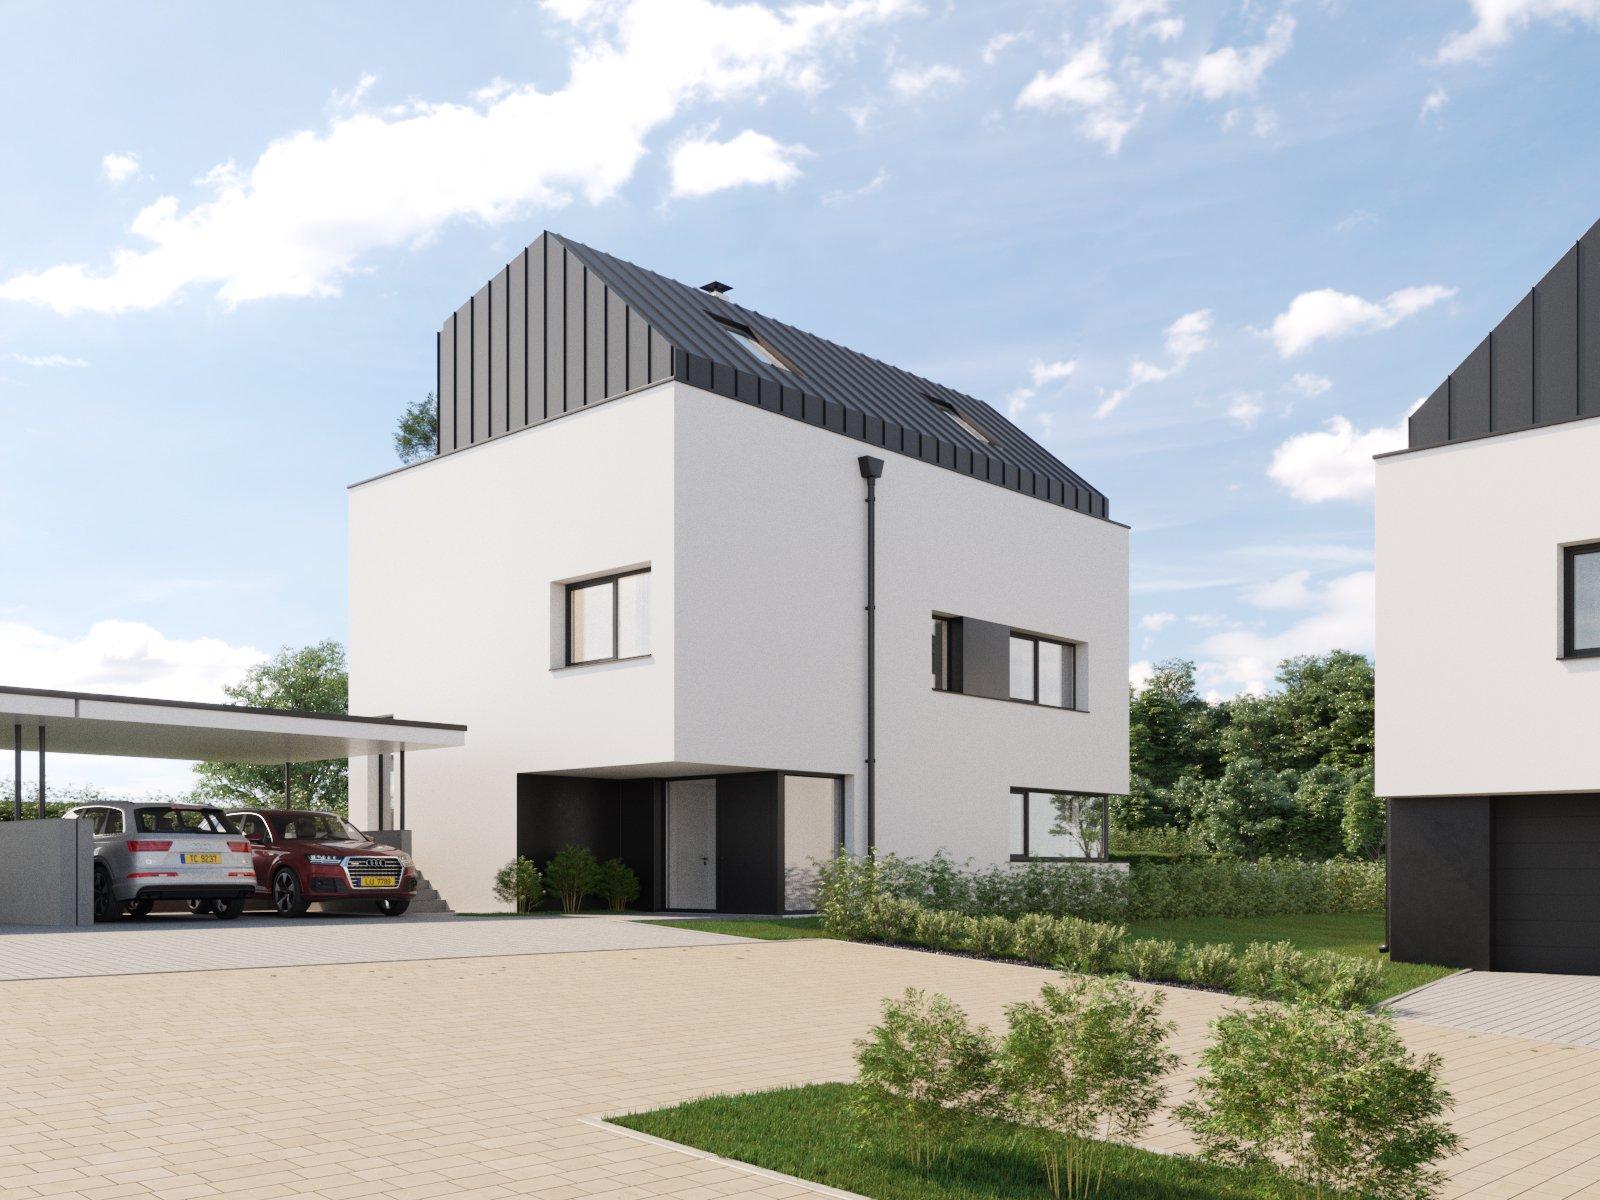 Vente Maison - Oberkorn - Luxembourg